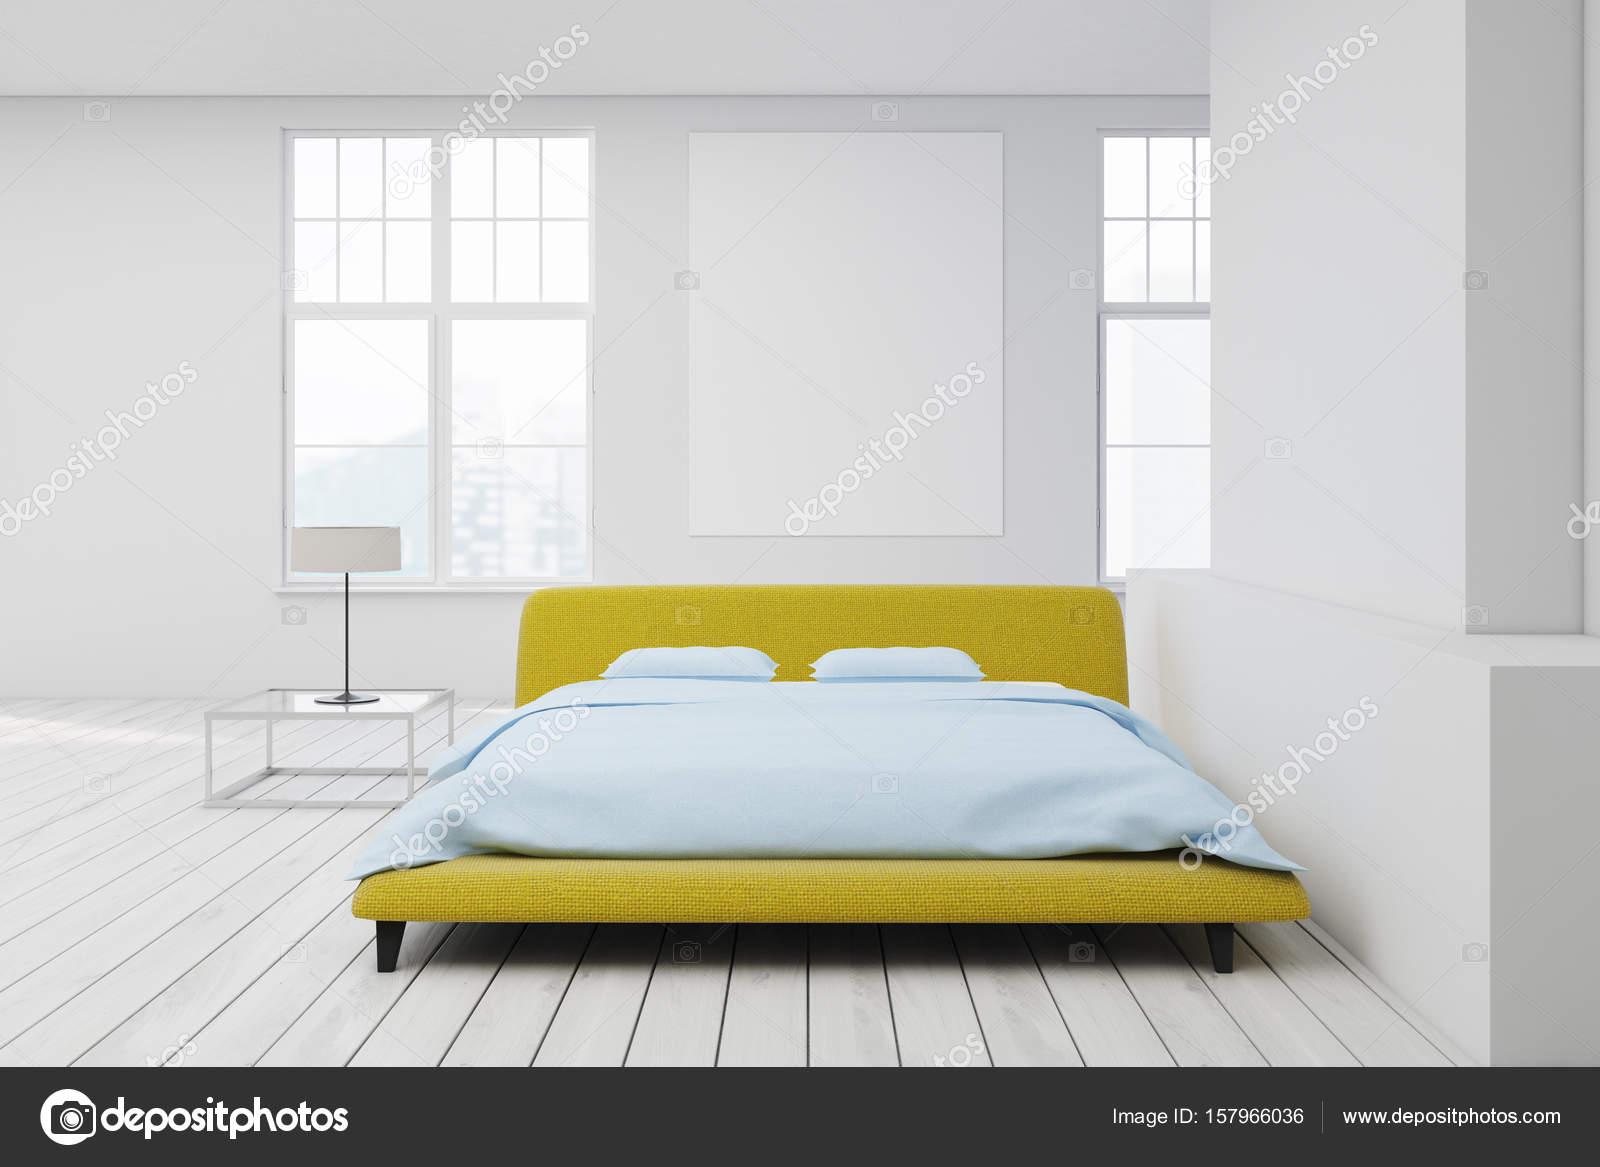 Letto Matrimoniale Giallo : Piano giallo letto bianco poster u2014 foto stock © denisismagilov